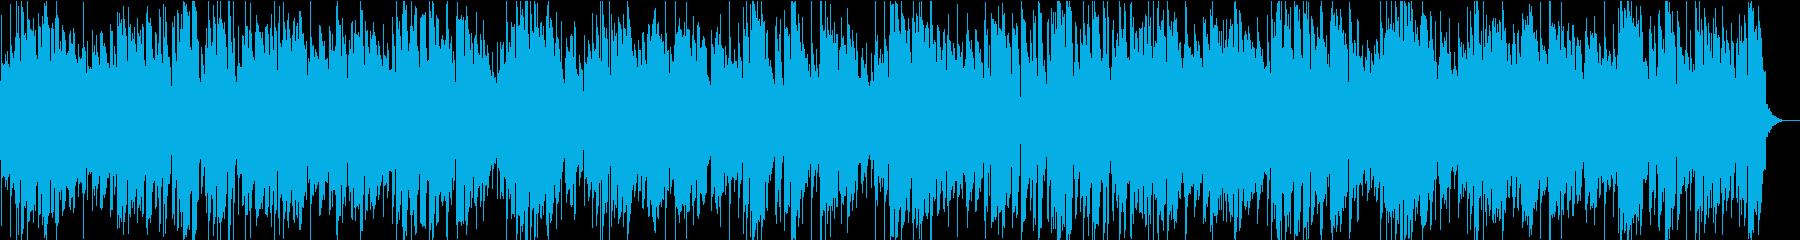 寂しい別れのトランペット曲の再生済みの波形